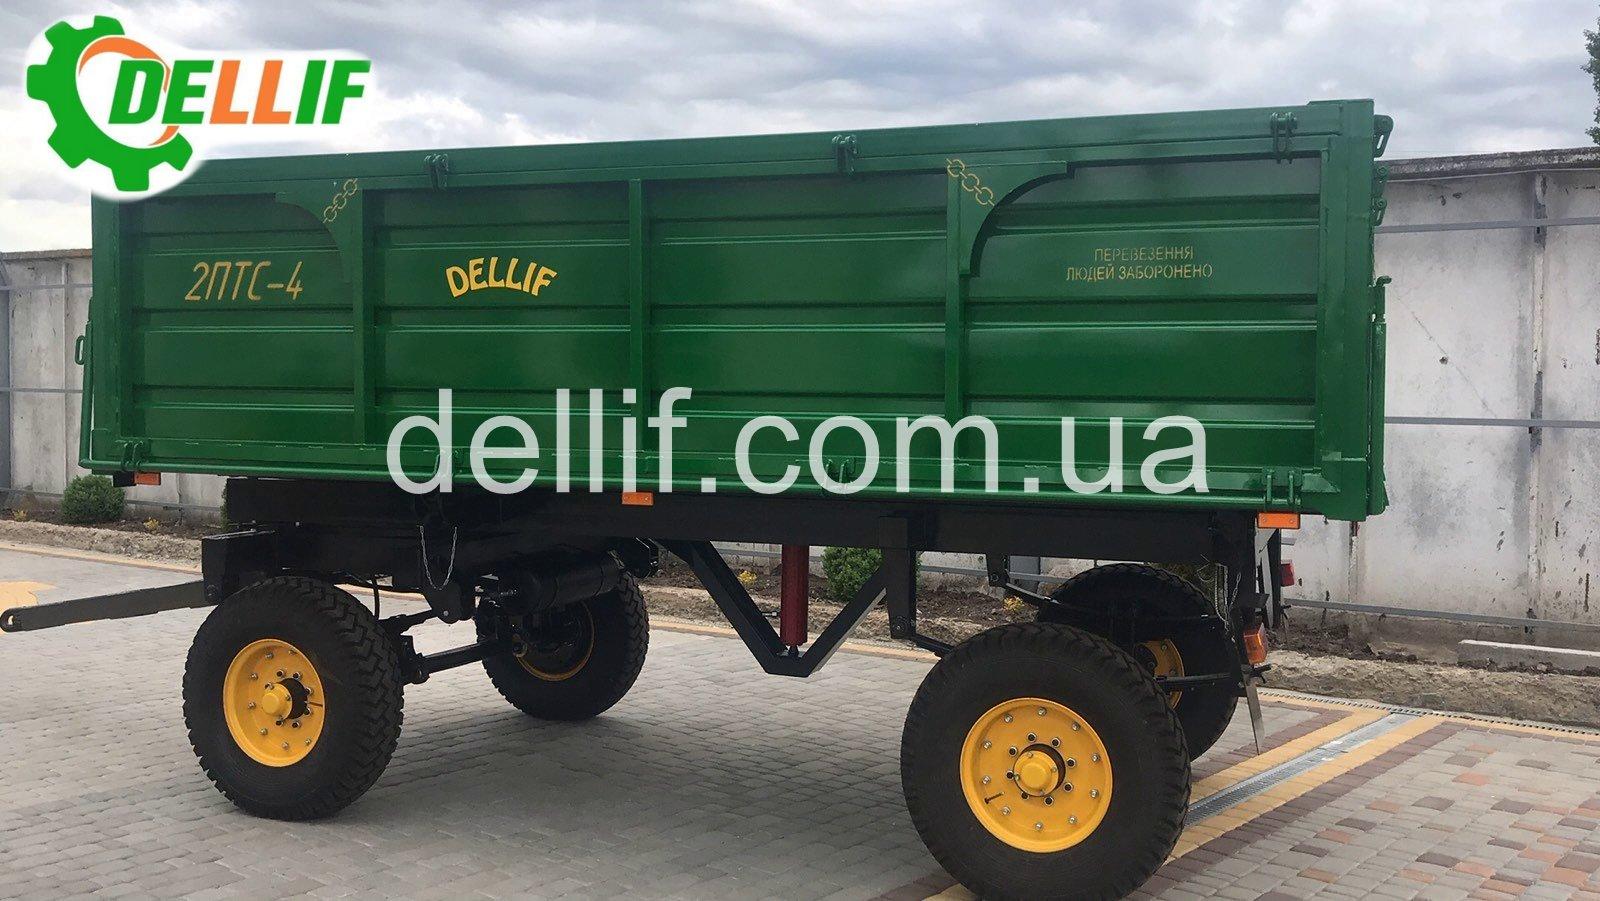 Тракторный прицеп 2 ПТС-4 - Деллиф